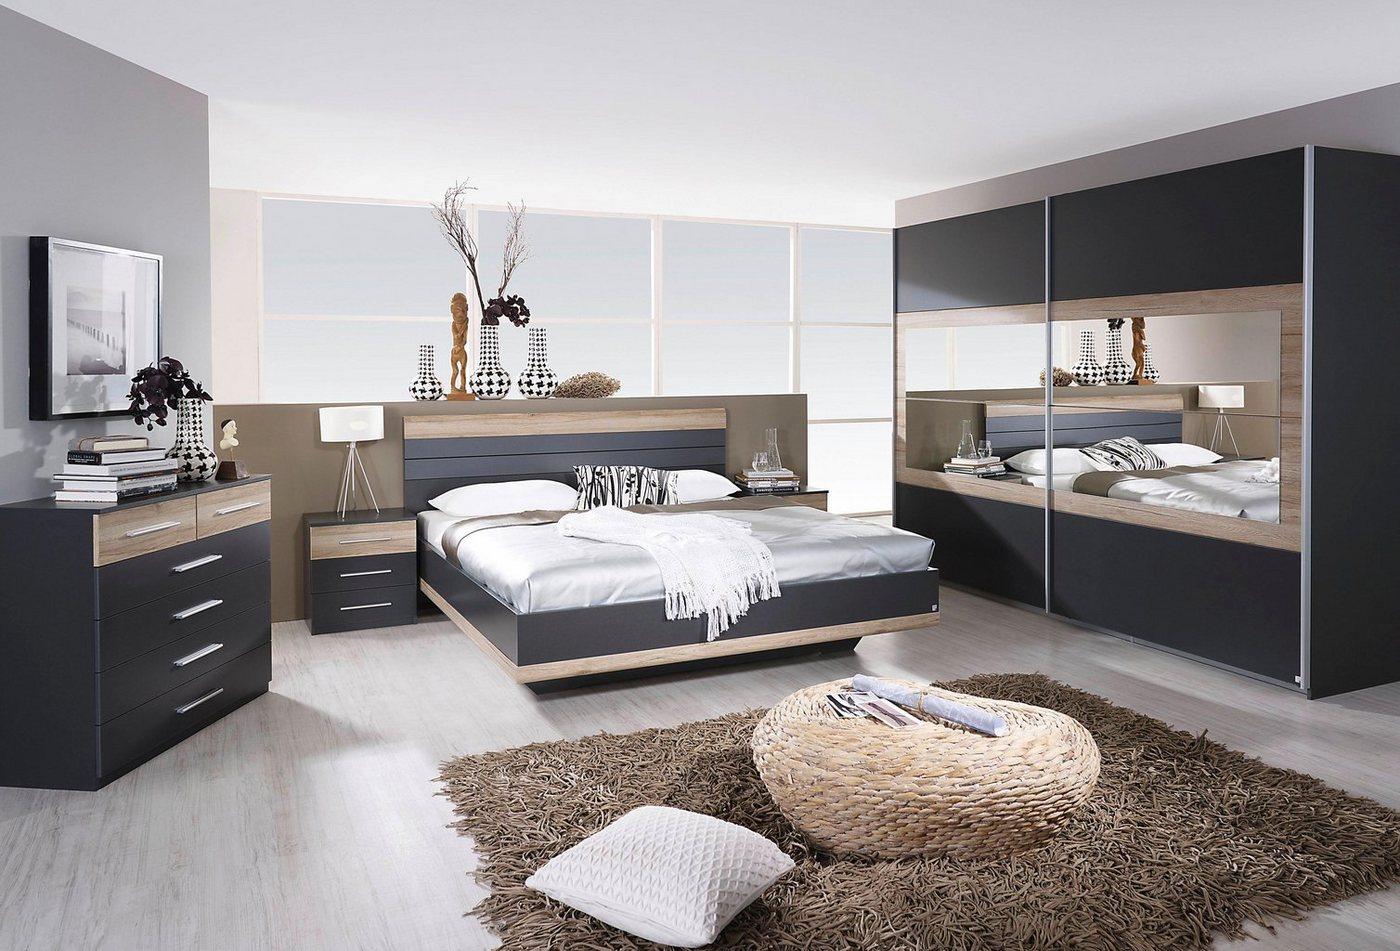 RAUCH 4-delige slaapkamer-voordeelset